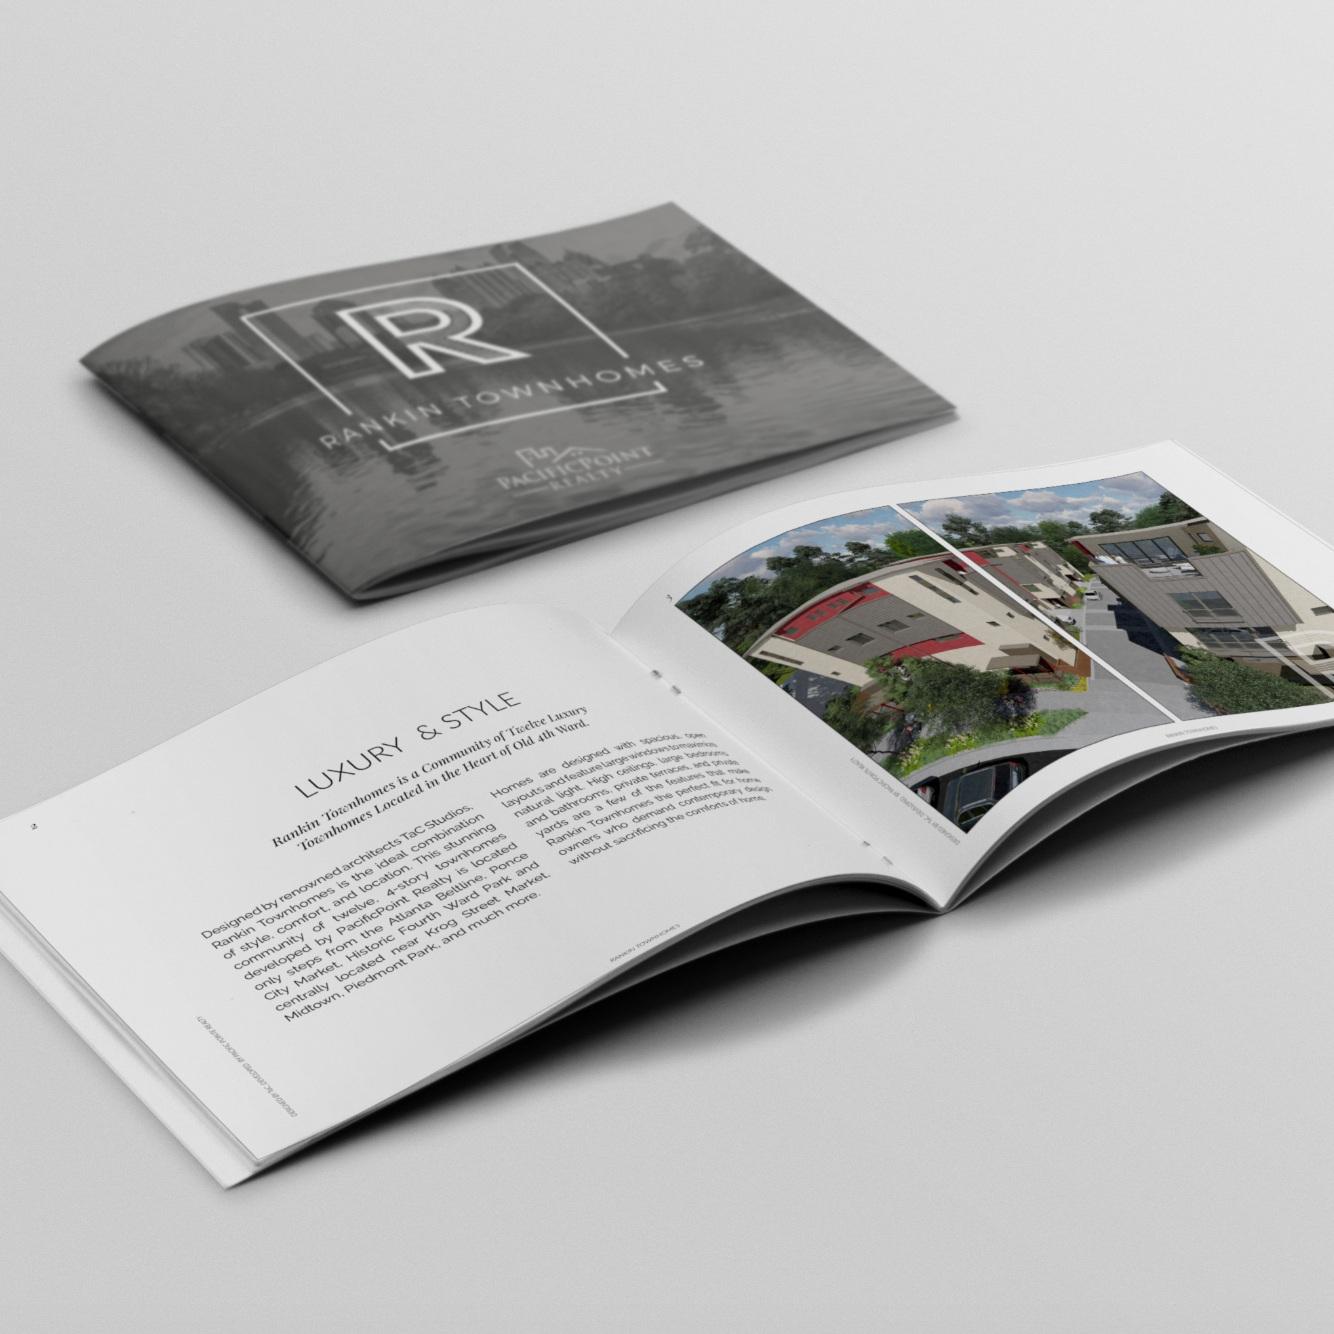 Property Lookbook - Brochure with amenities, floor plans, upgrades, neighborhood information and Agent/Contact information. $300-$400